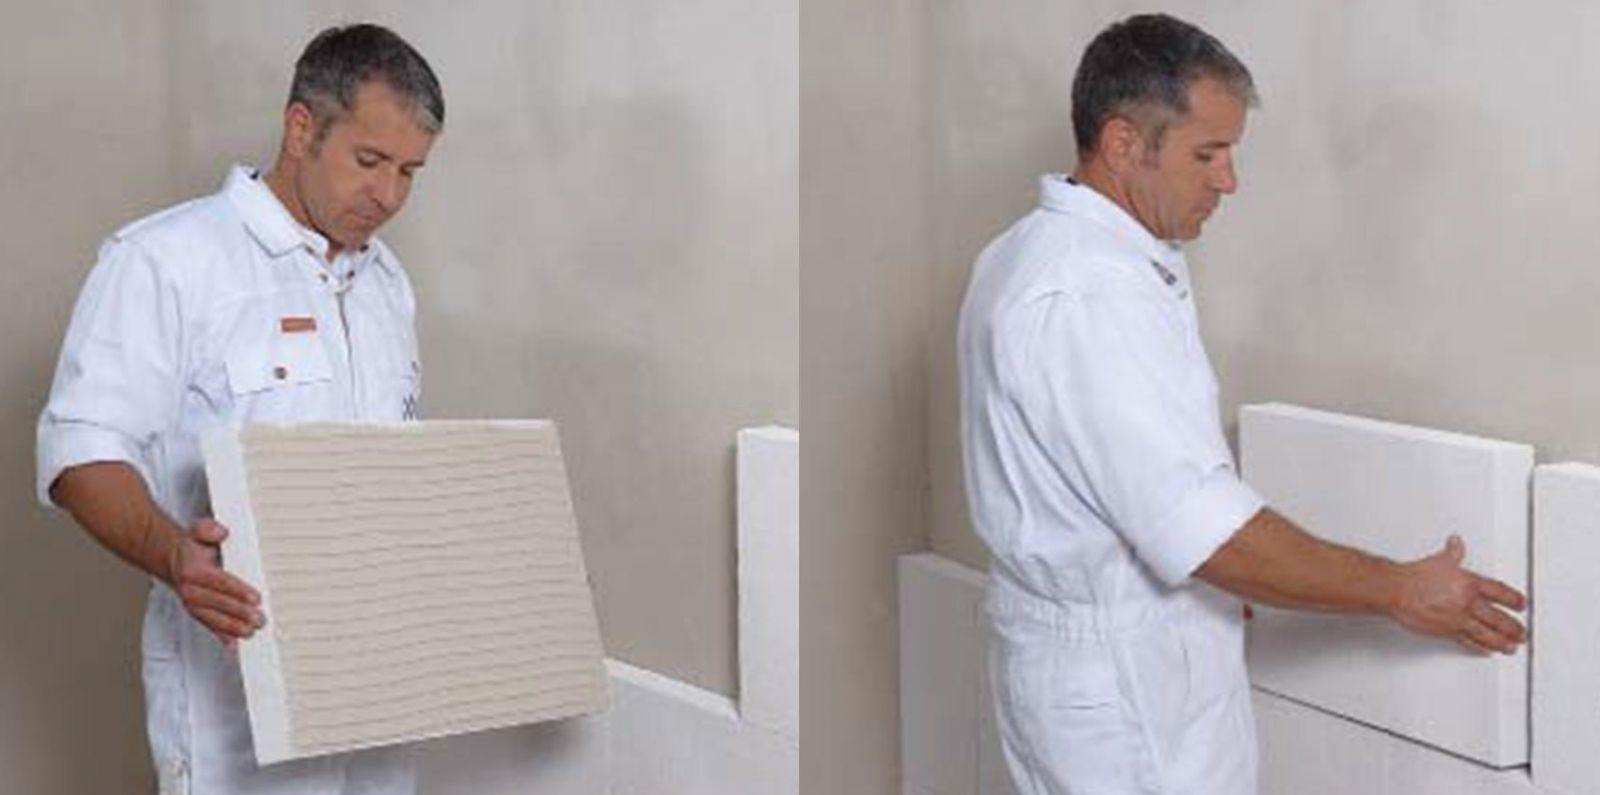 Sorgedil pannelli isolamento termico miglior isolante for Miglior isolante termico per pareti interne